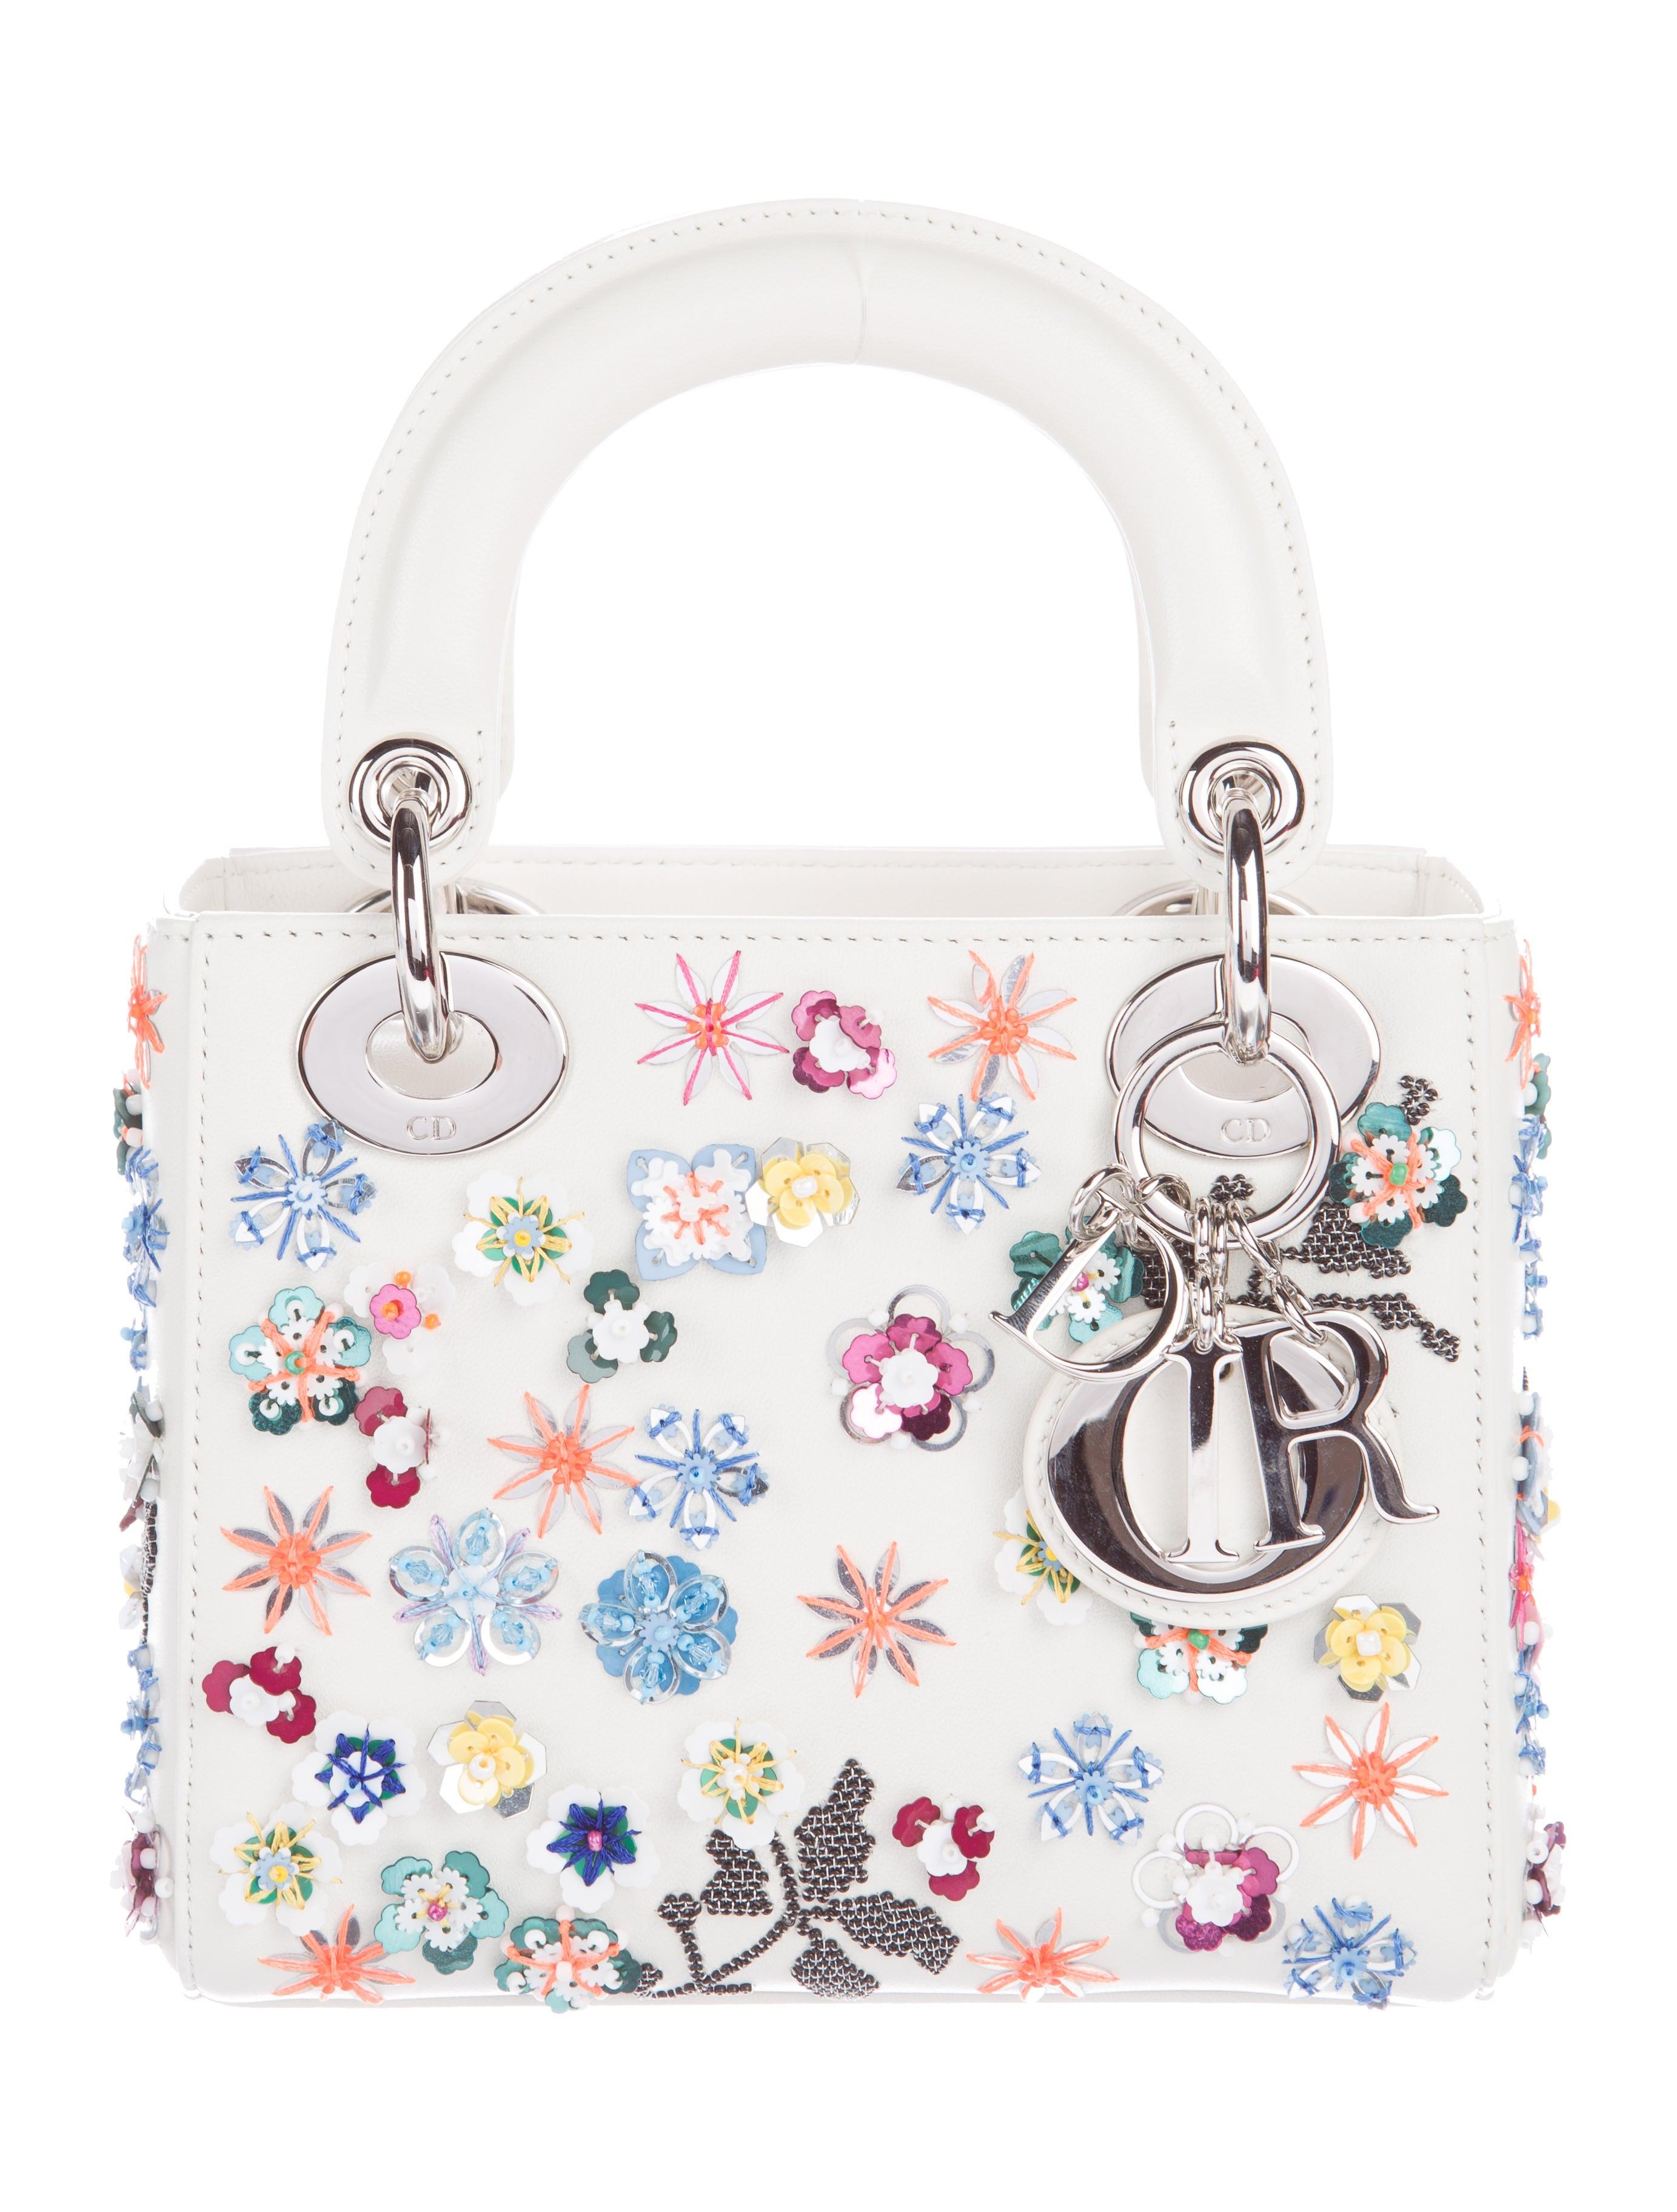 48cf1d74ecaf5 Christian Dior Floral-Sequined Mini Lady Dior Bag - Handbags ...